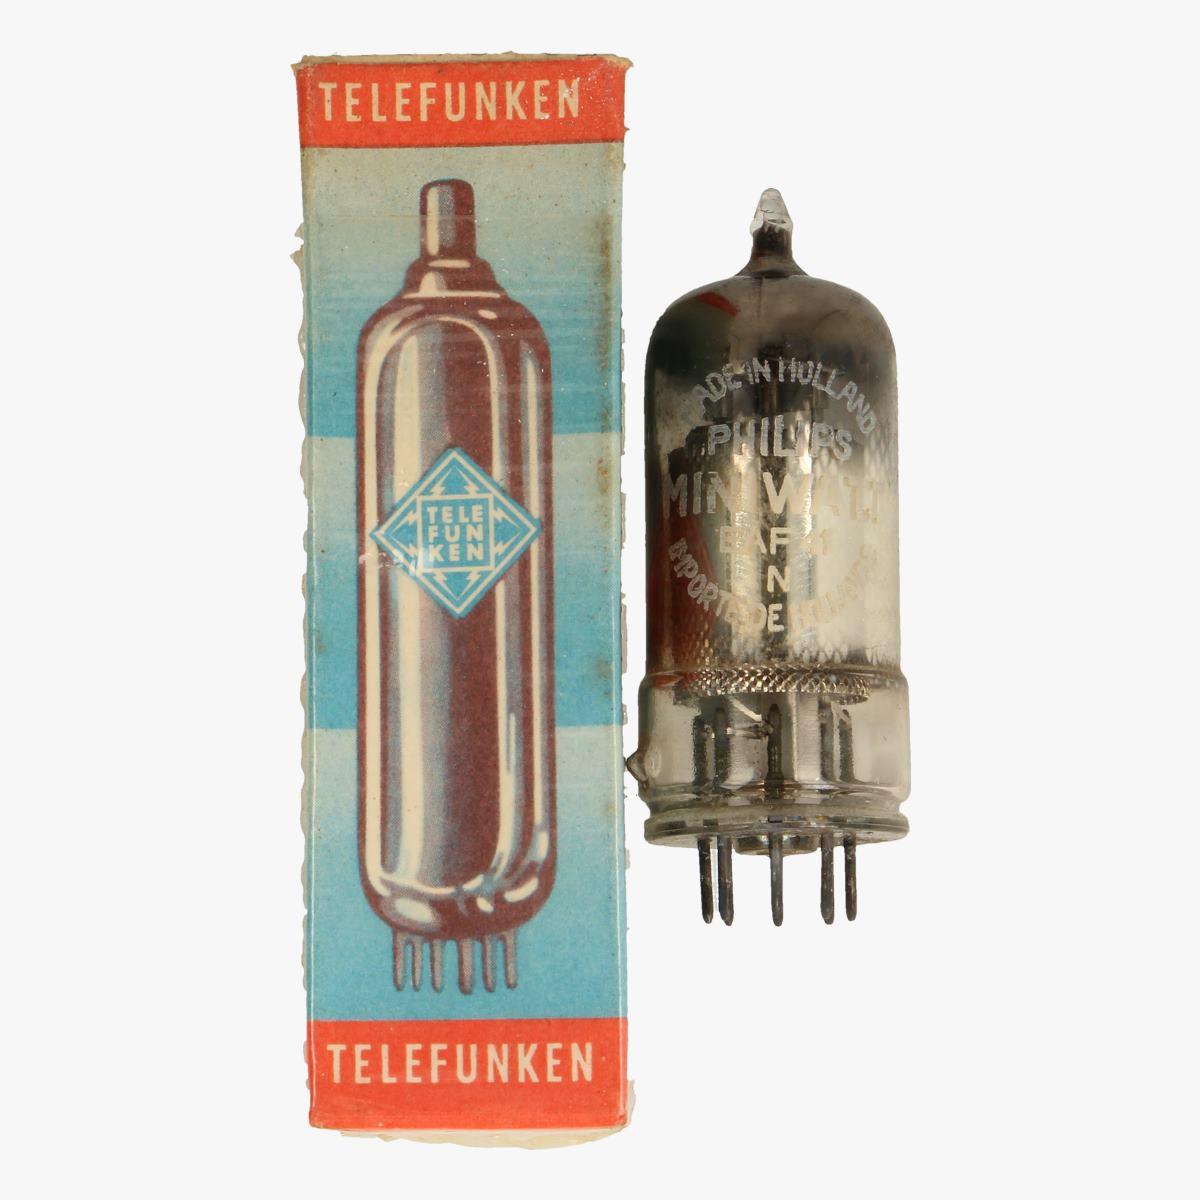 Afbeeldingen van telefunken eaf 42 (1948)